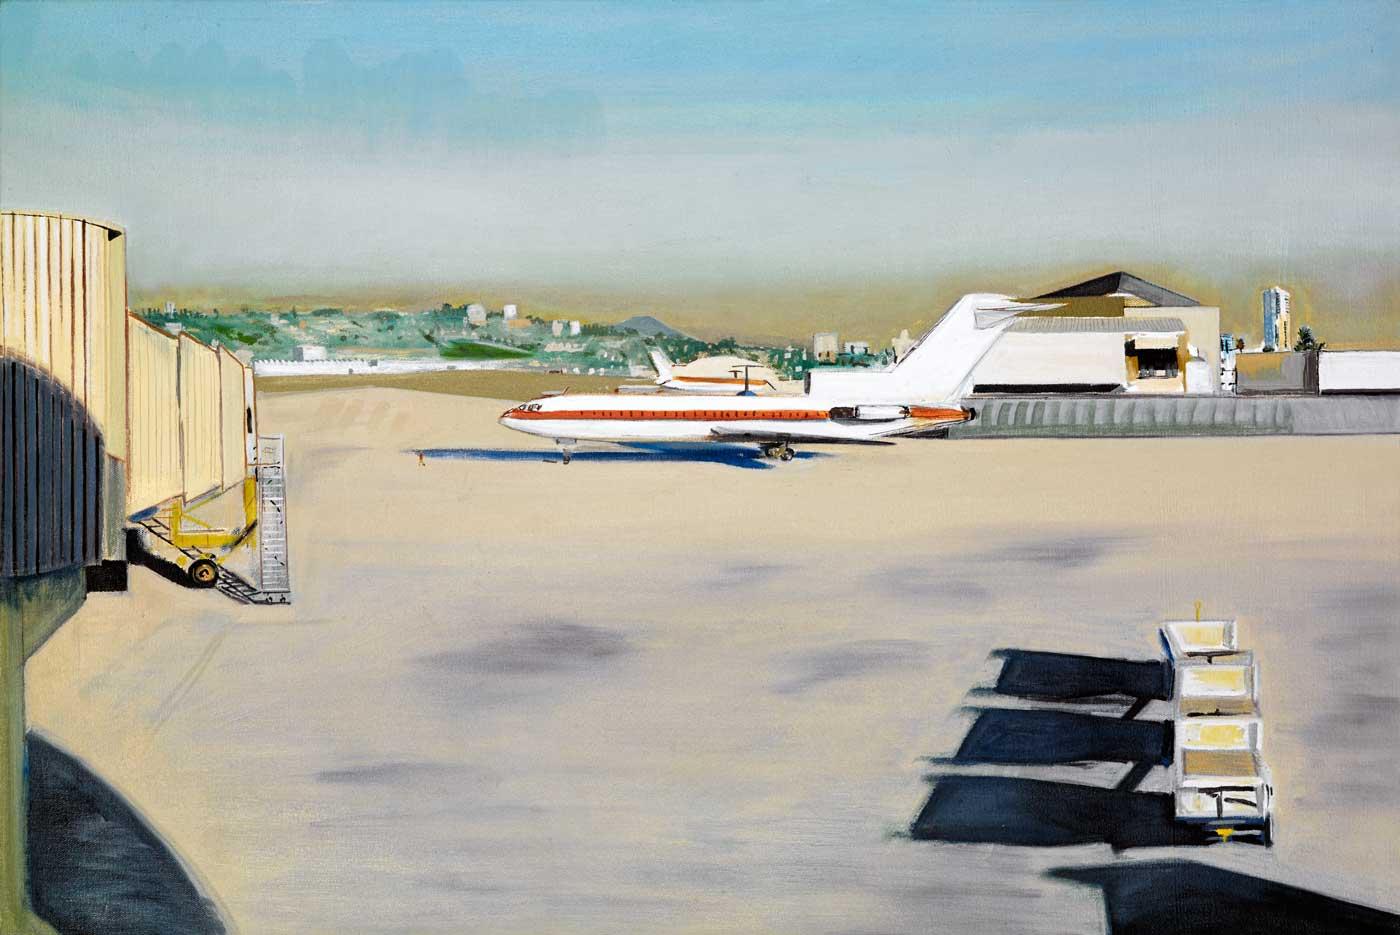 main_airport-view.jpg